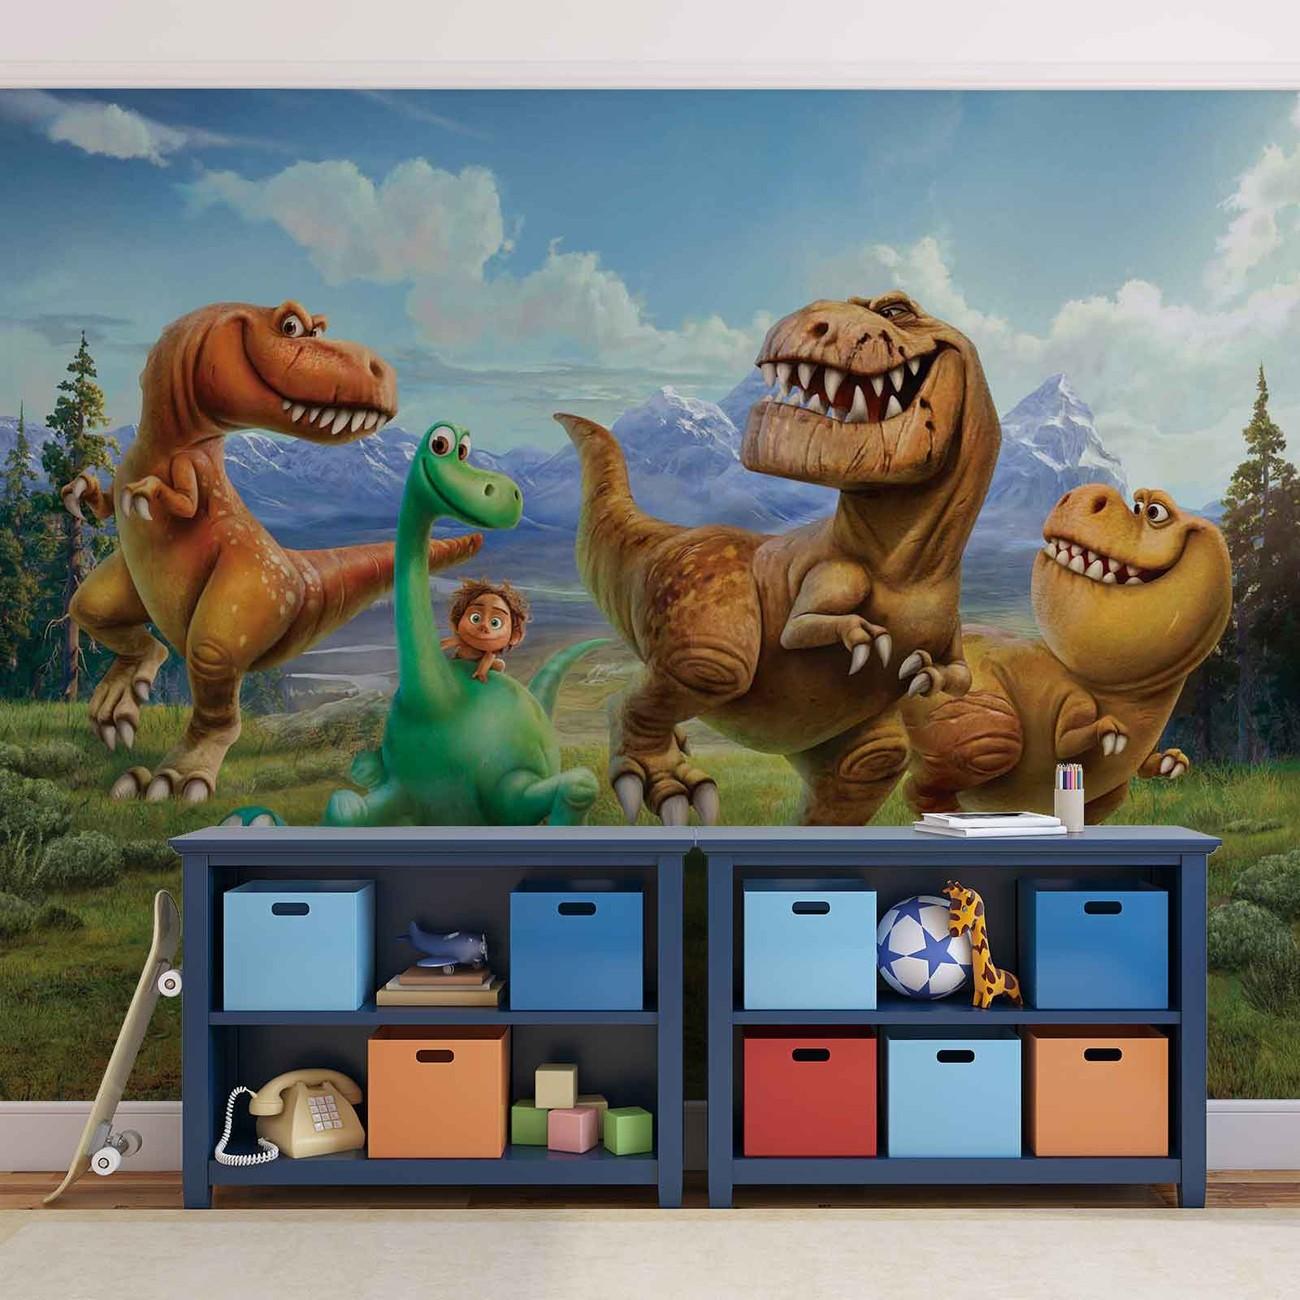 Disney good dinosaur wall paper mural buy at europosters for Dinosaur mural wallpaper